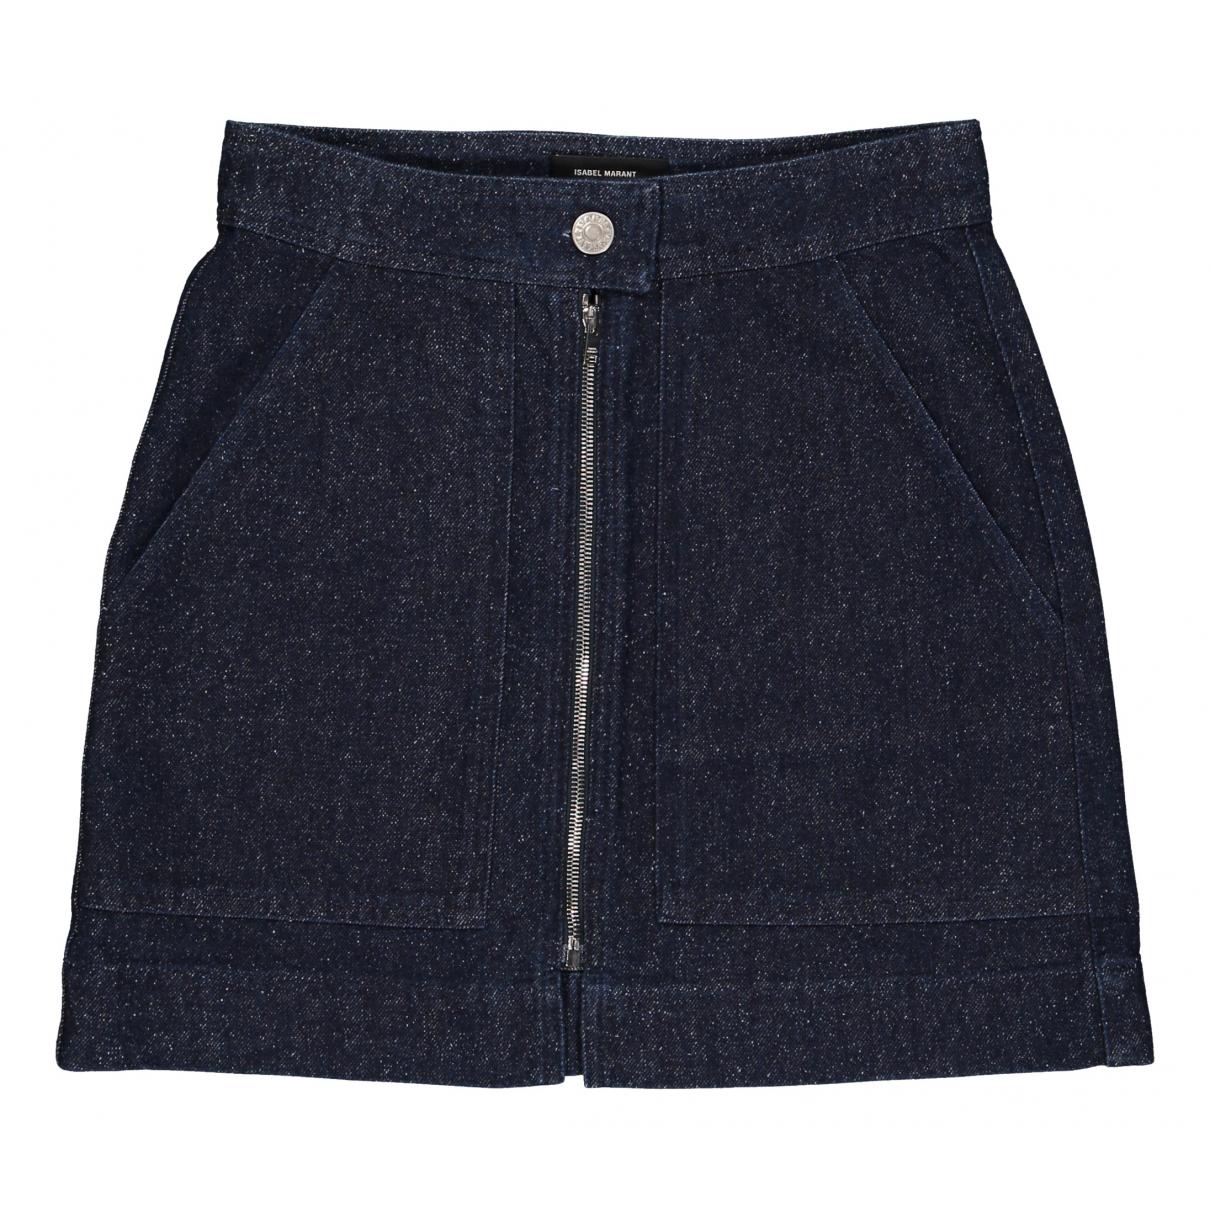 Isabel Marant \N Blue Denim - Jeans skirt for Women 38 FR